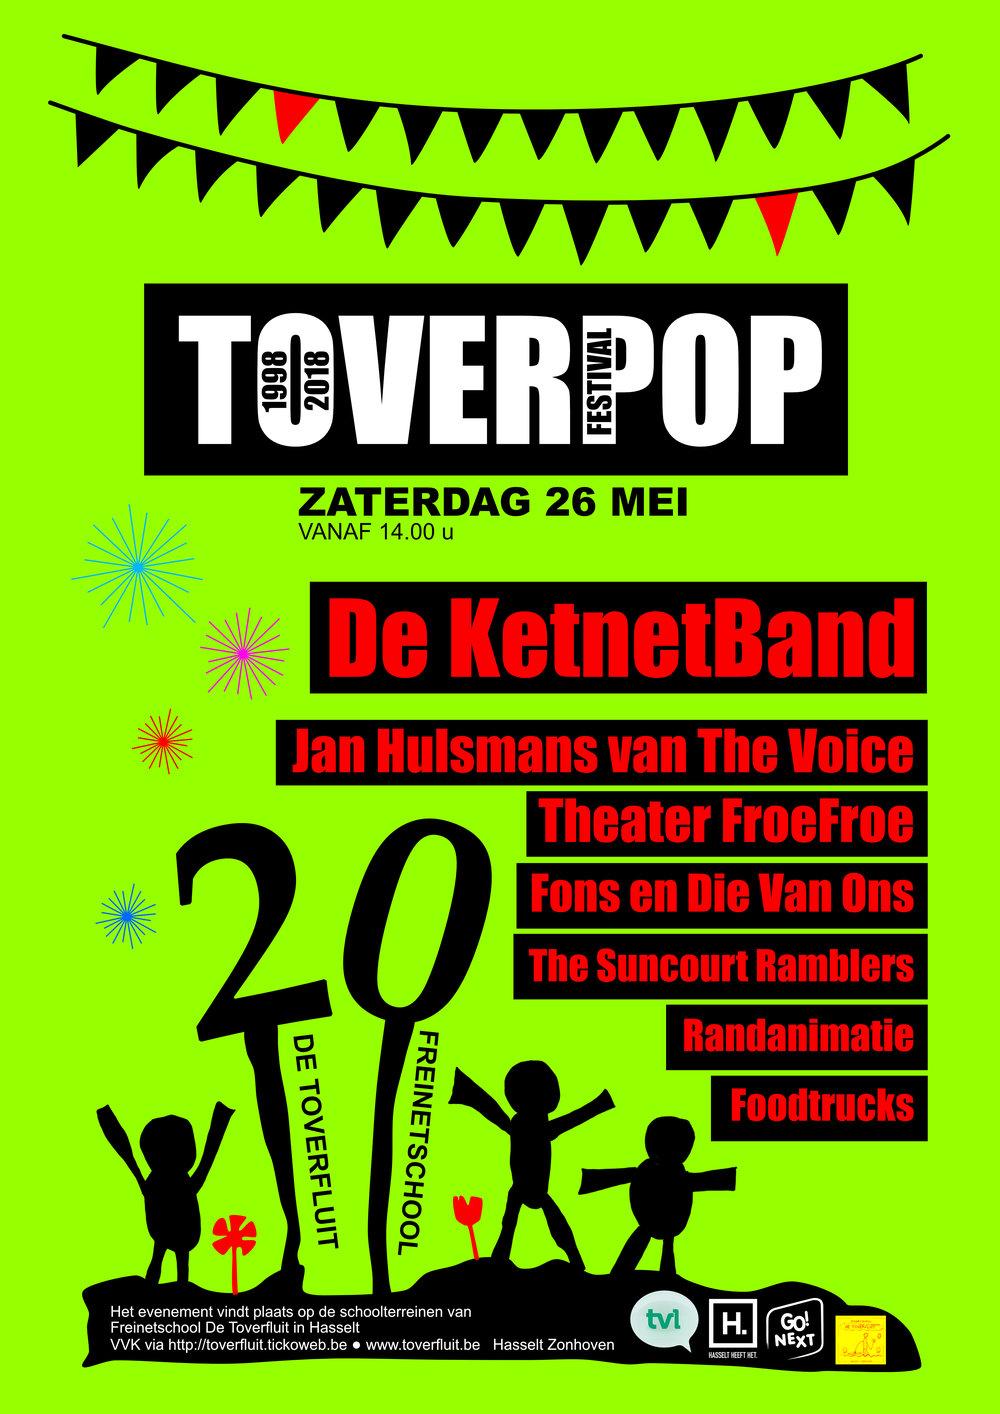 Toverpop 2018 Freinetschool De Toverfluit .jpg